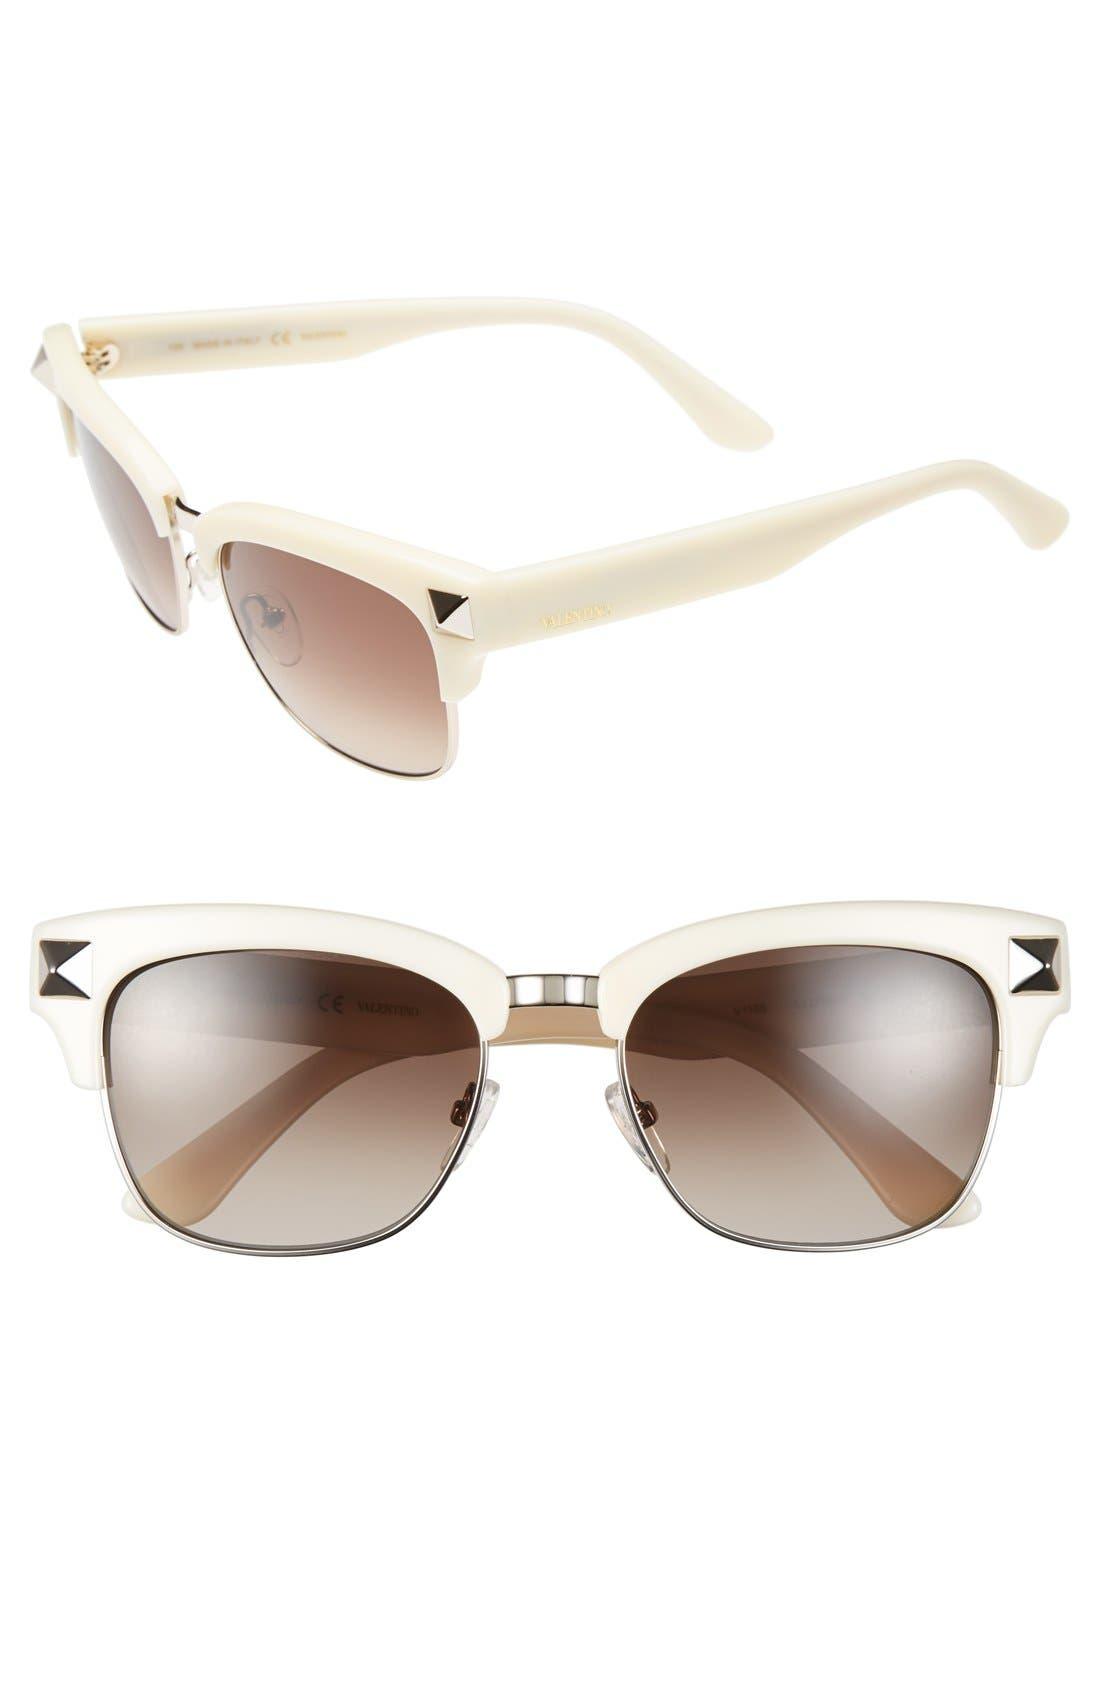 Alternate Image 1 Selected - Valentino 'Rockstud' 53mm Sunglasses